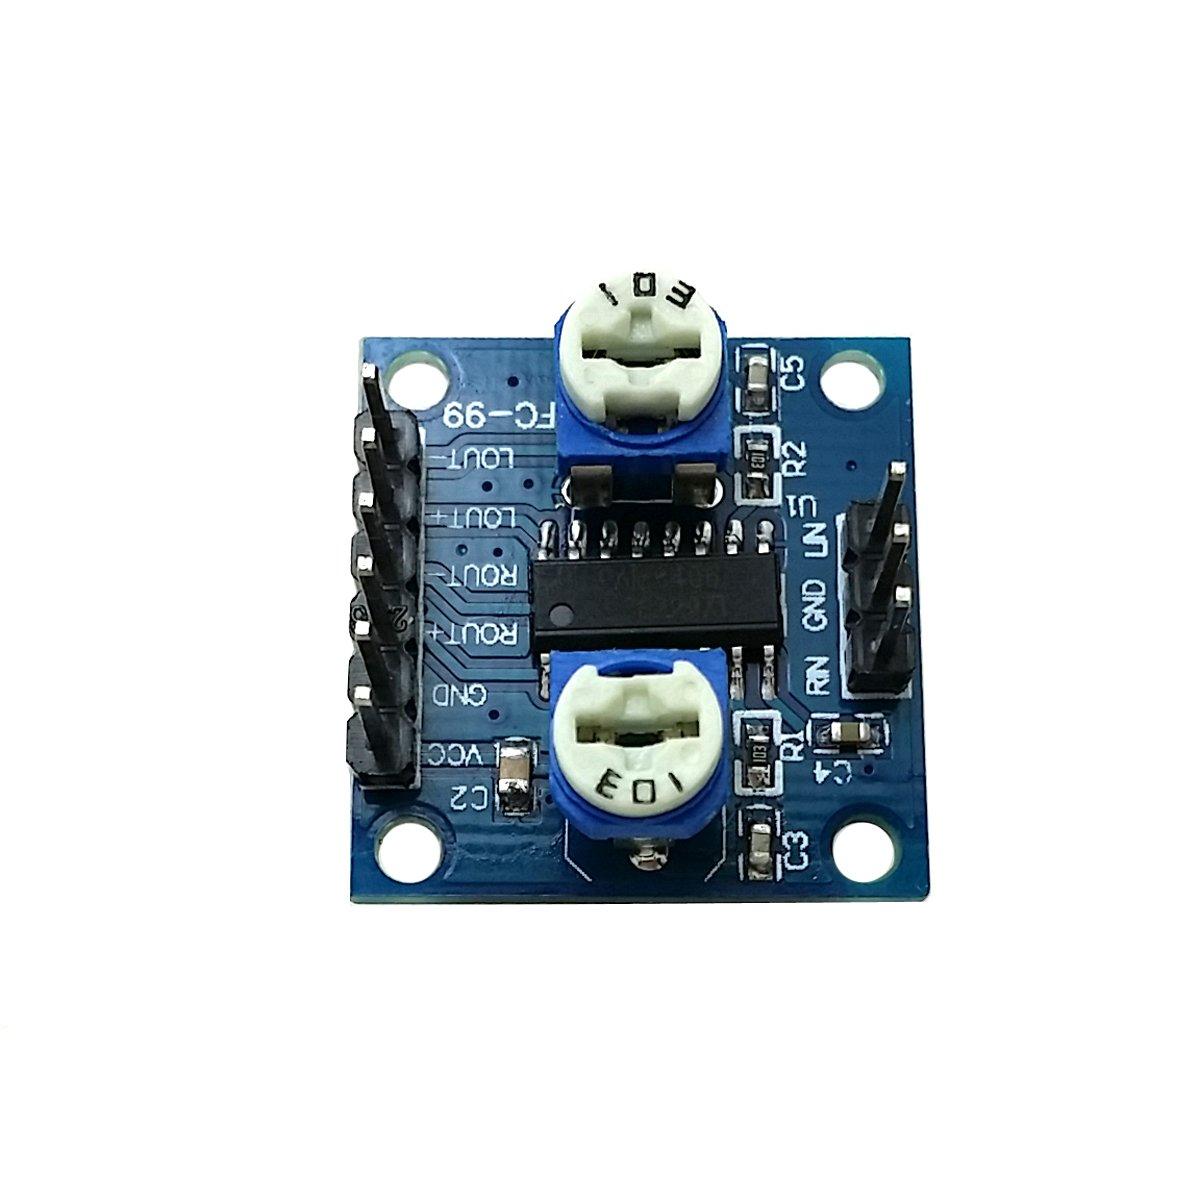 Ecloud Shop 10 PCS PAM8406 MiNi Amplifier Board Module(5W+5W) D Class Amplifier Board